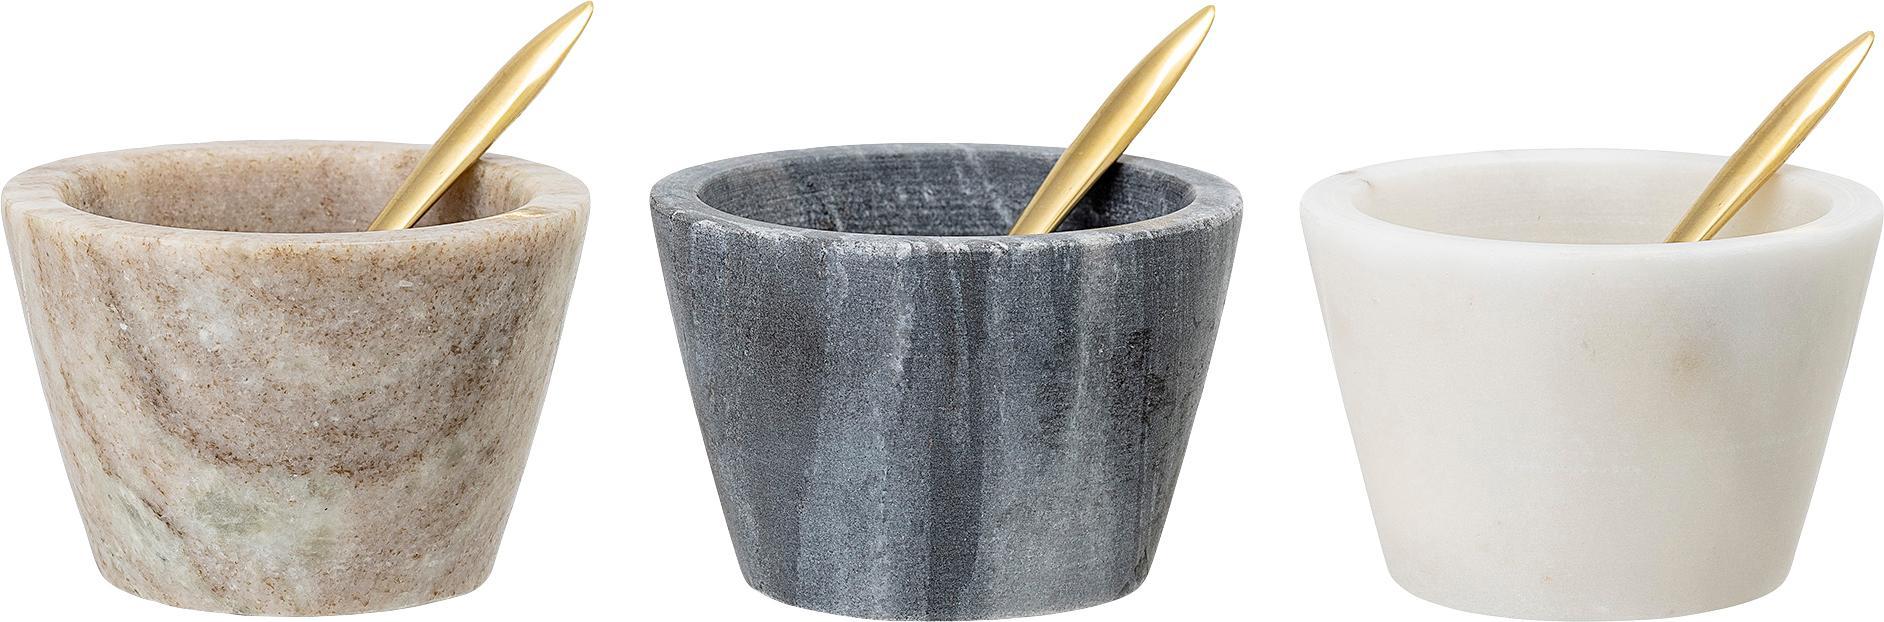 Marmor-Schälchen-Set Janina, 6-tlg. , Schälchen: Marmor, Mehrfarbig, Ø 8 x H 5 cm